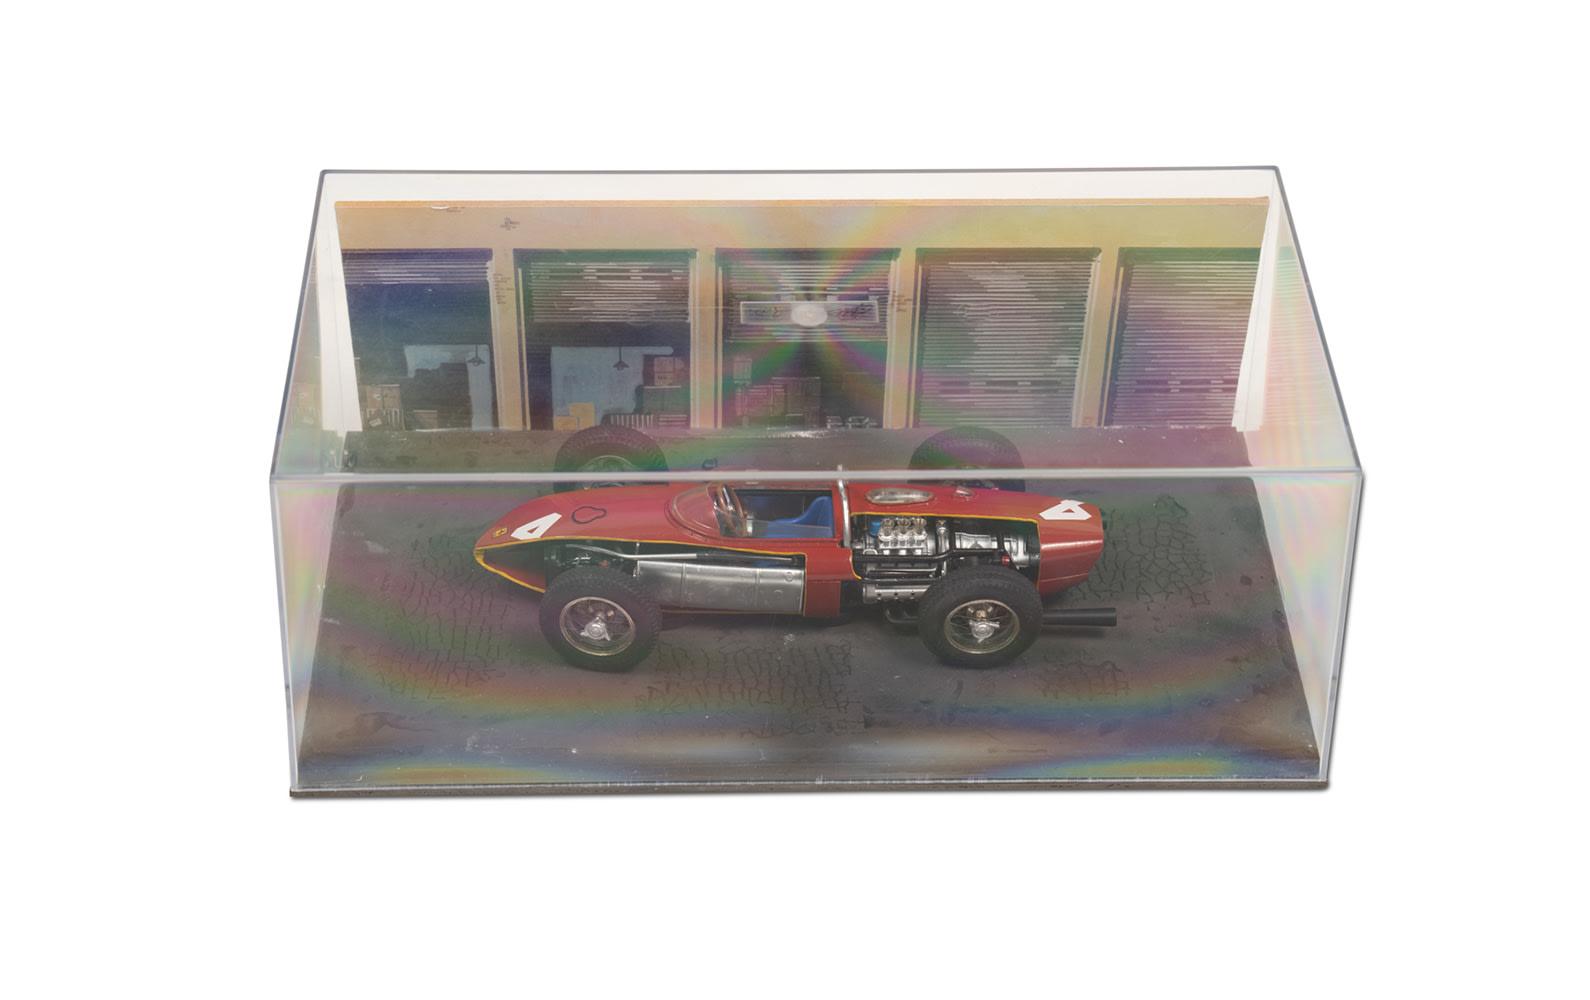 Ferrari Tipo 156 F1